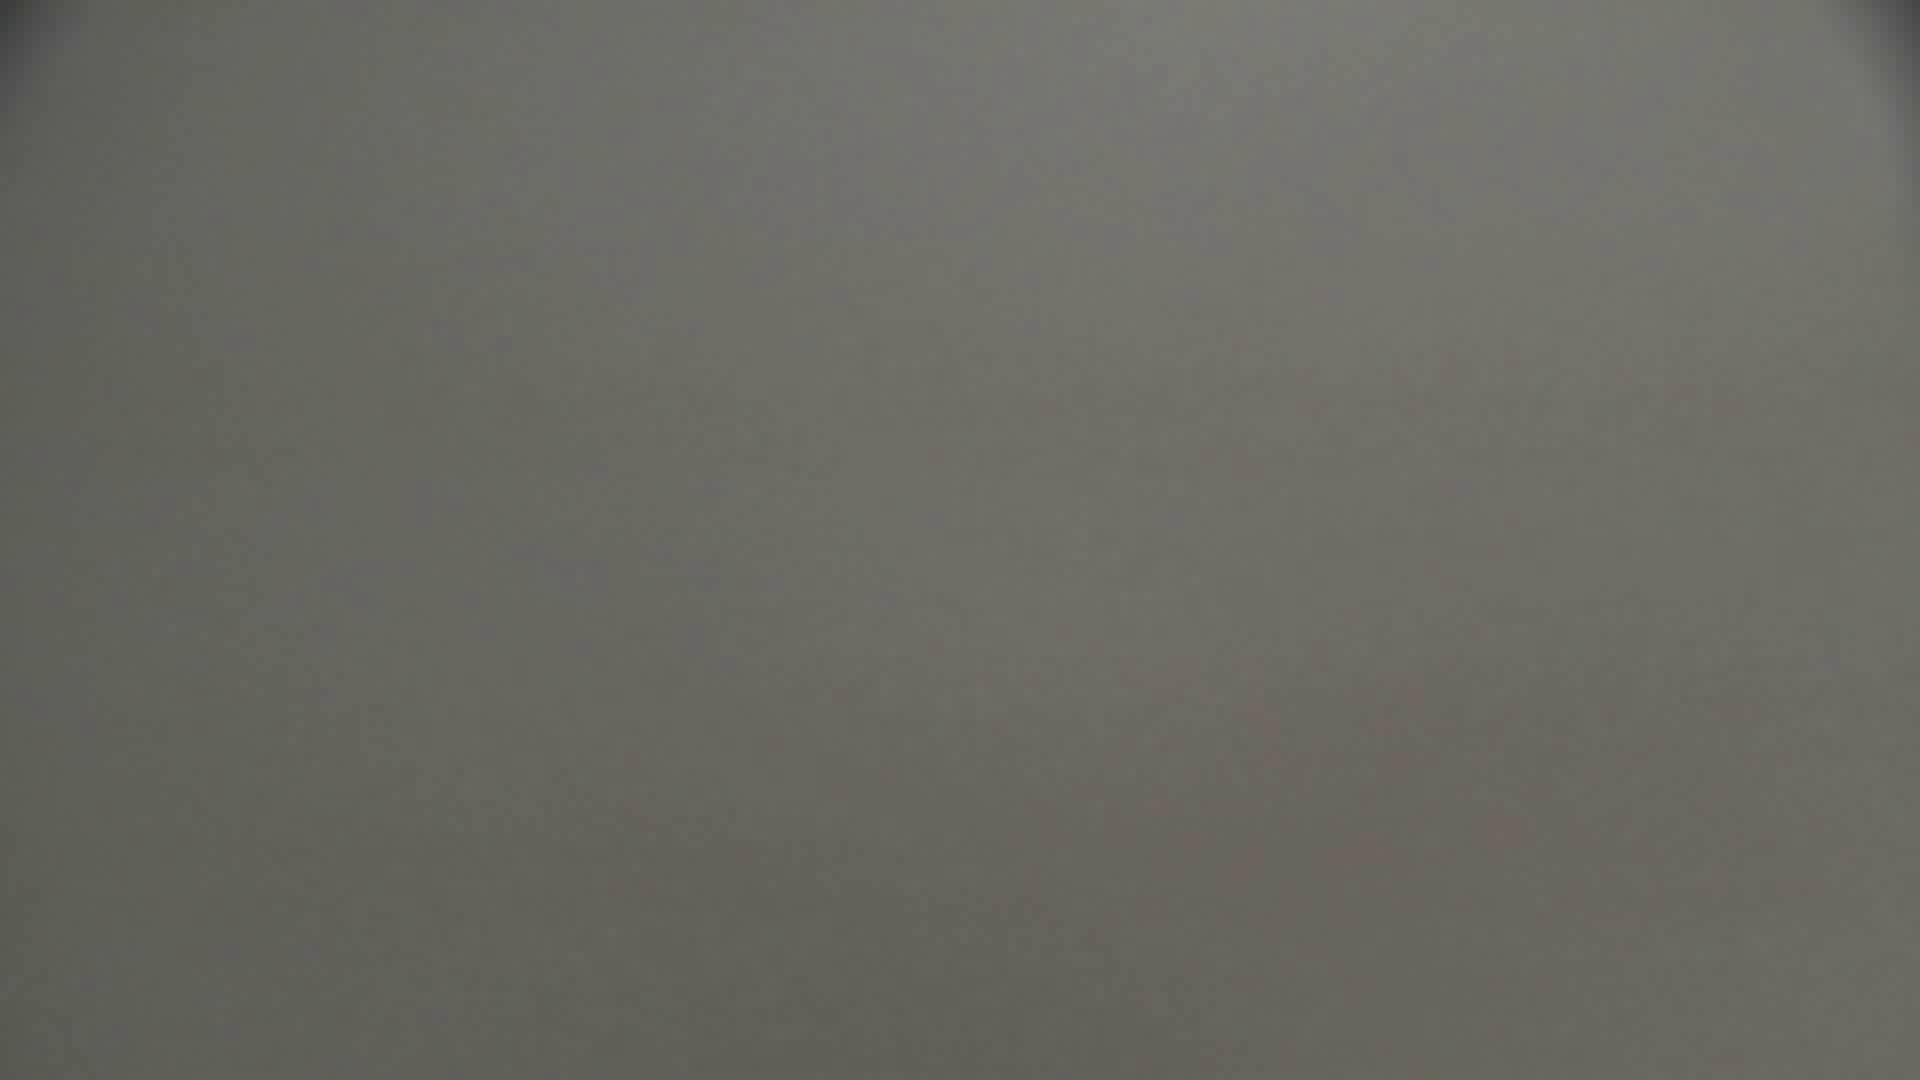 【美しき個室な世界】 vol.021 めがねっこ 色っぽいOL達  100pic 56